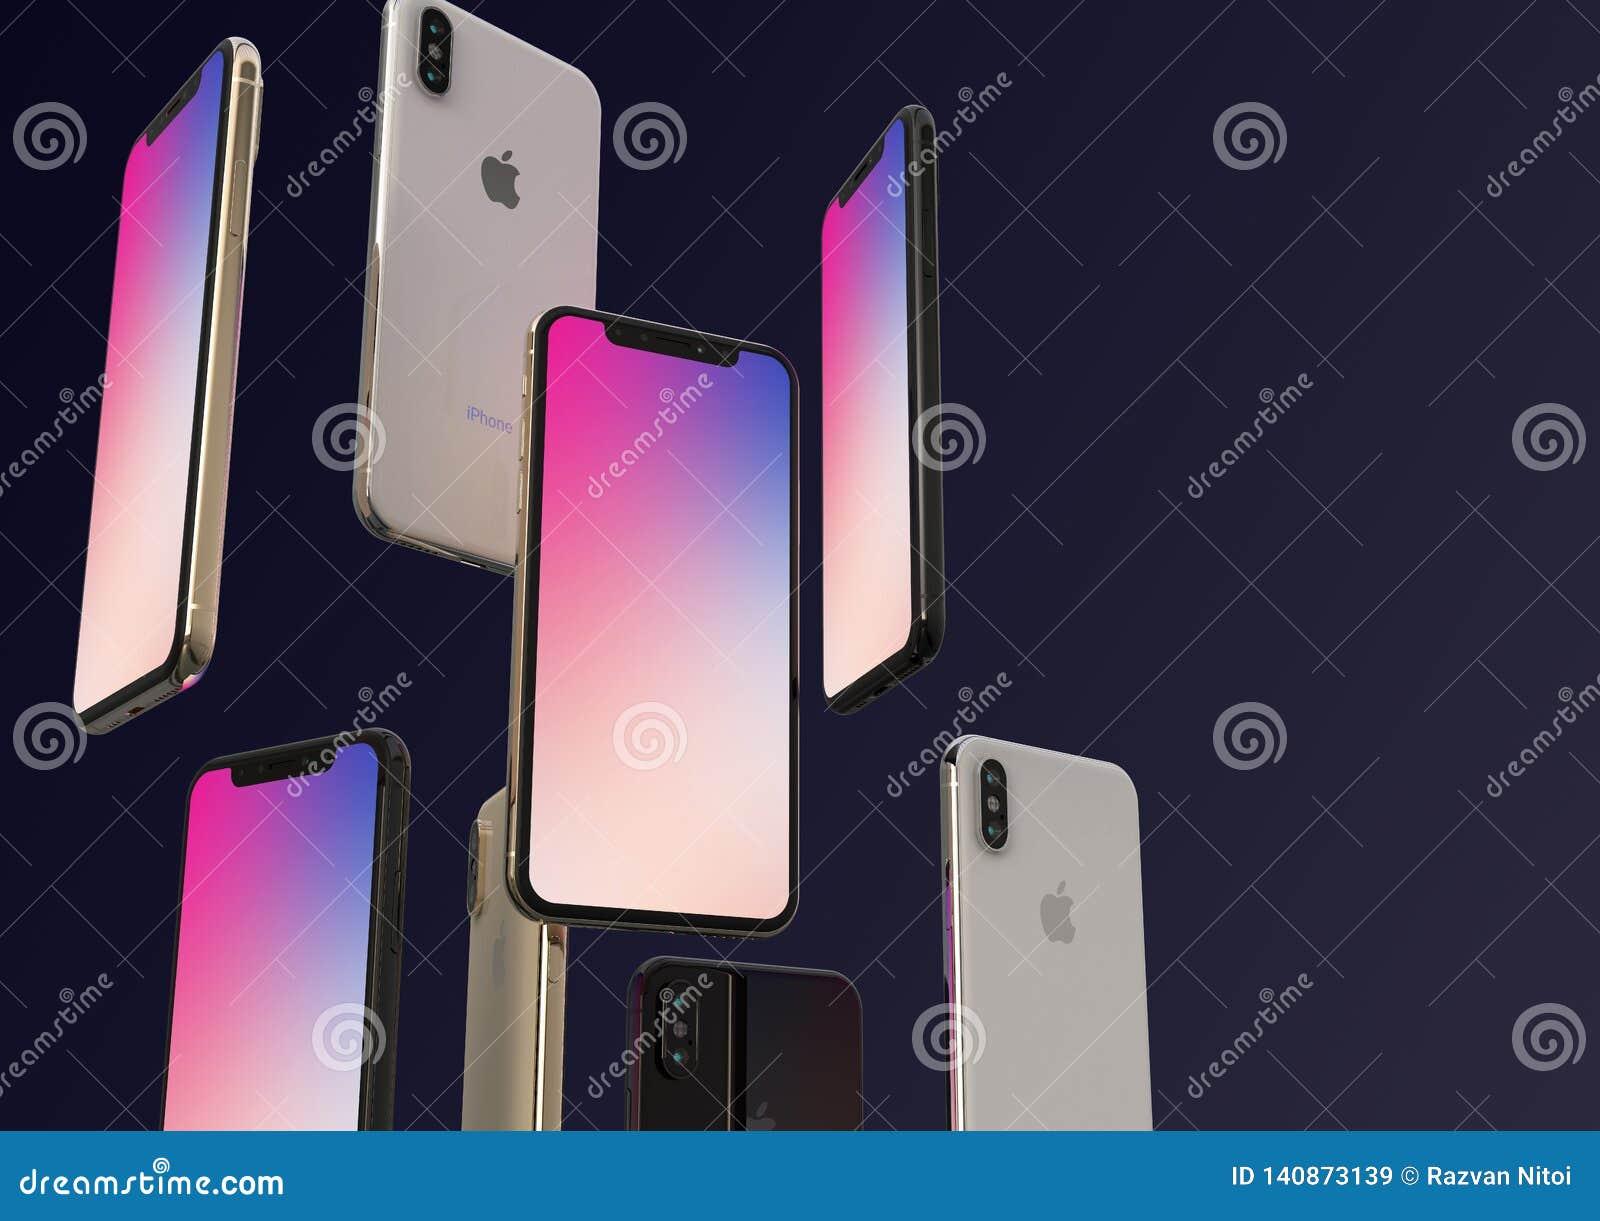 IPhone XS złota, srebra i przestrzeni Popielaci smartphones, unosi się w powietrzu, kolorowy ekran